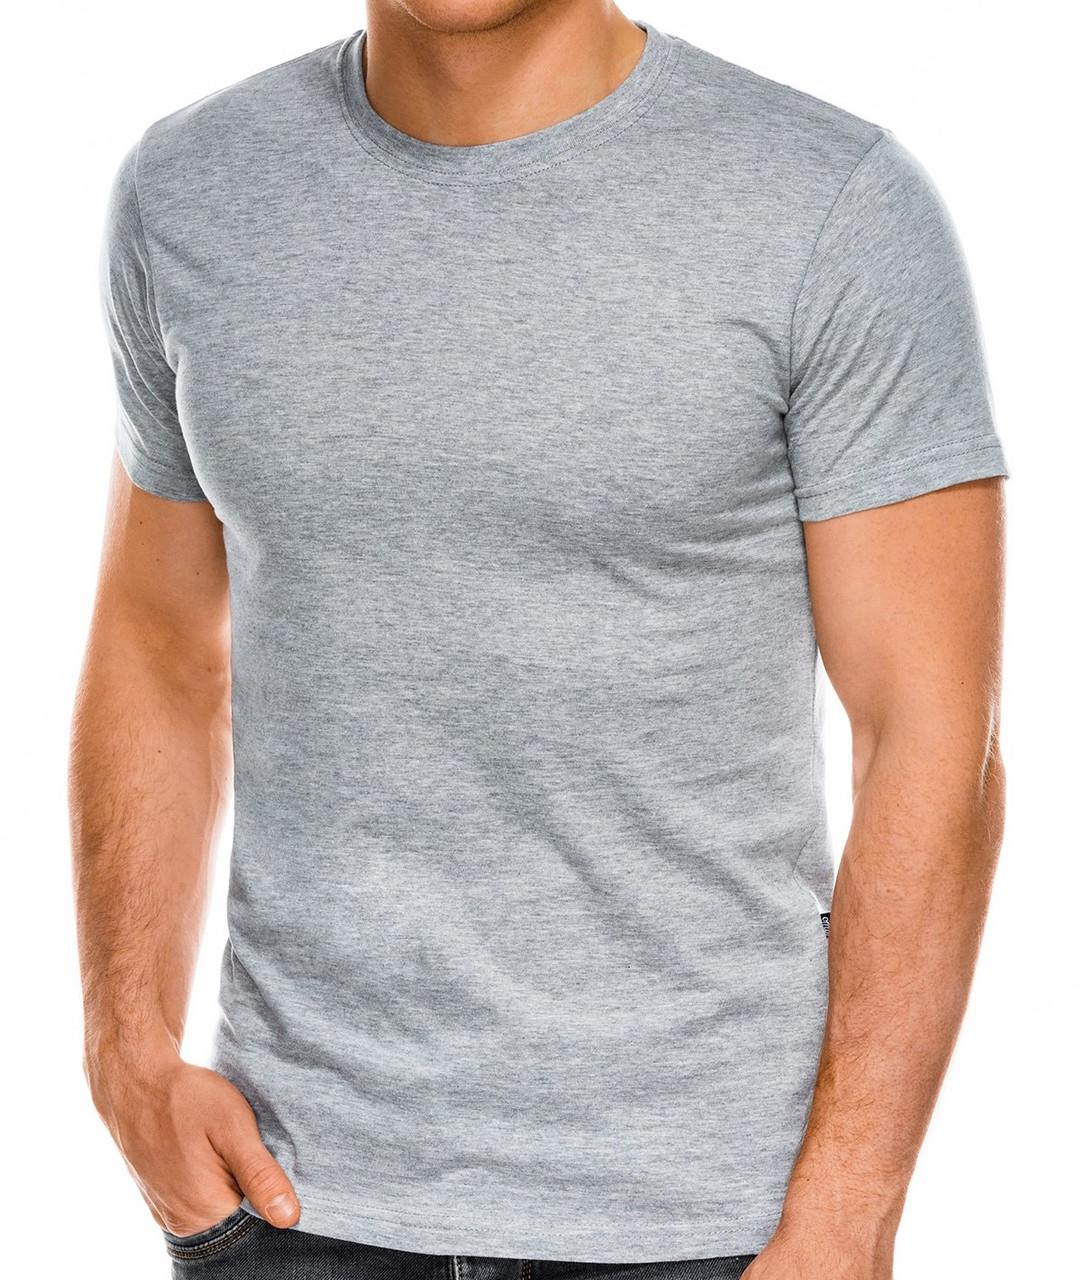 Футболка мужская серая 100% хлопок размер S